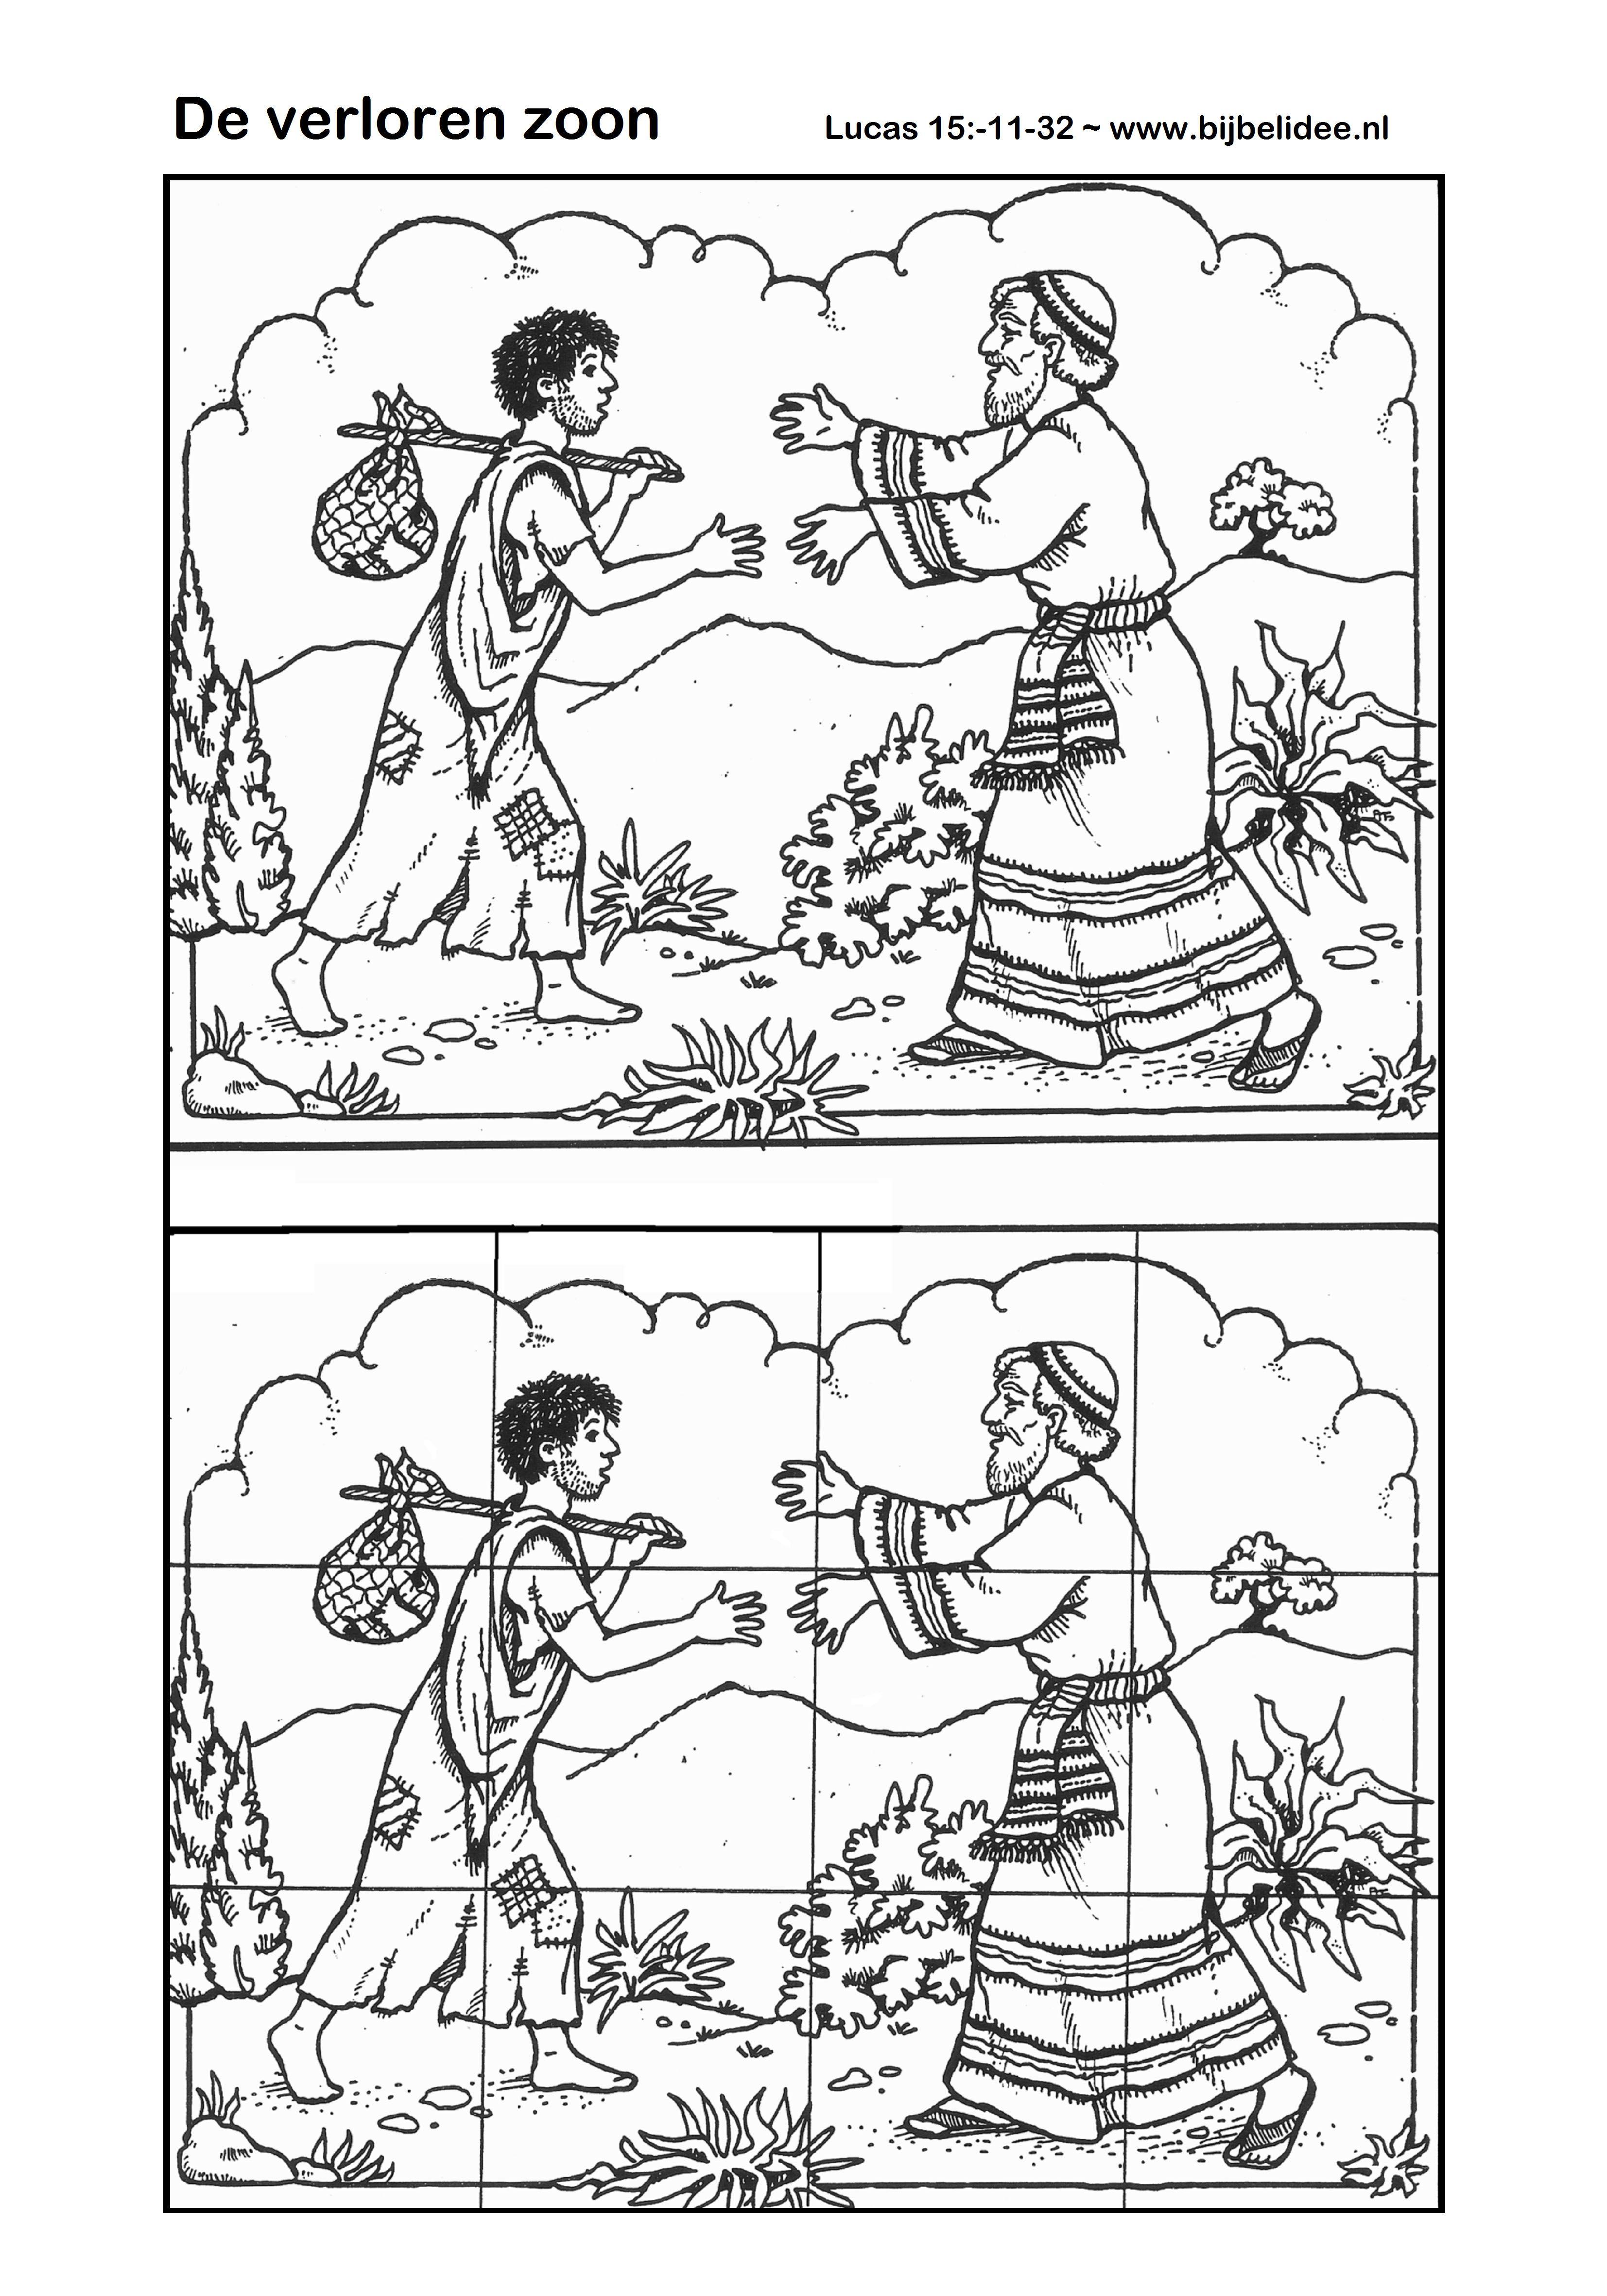 Kleurplaten Bijbelverhalen Peuters.De Verloren Zoon Kleurplaat En Puzzel Lucas 15 11 32 Www